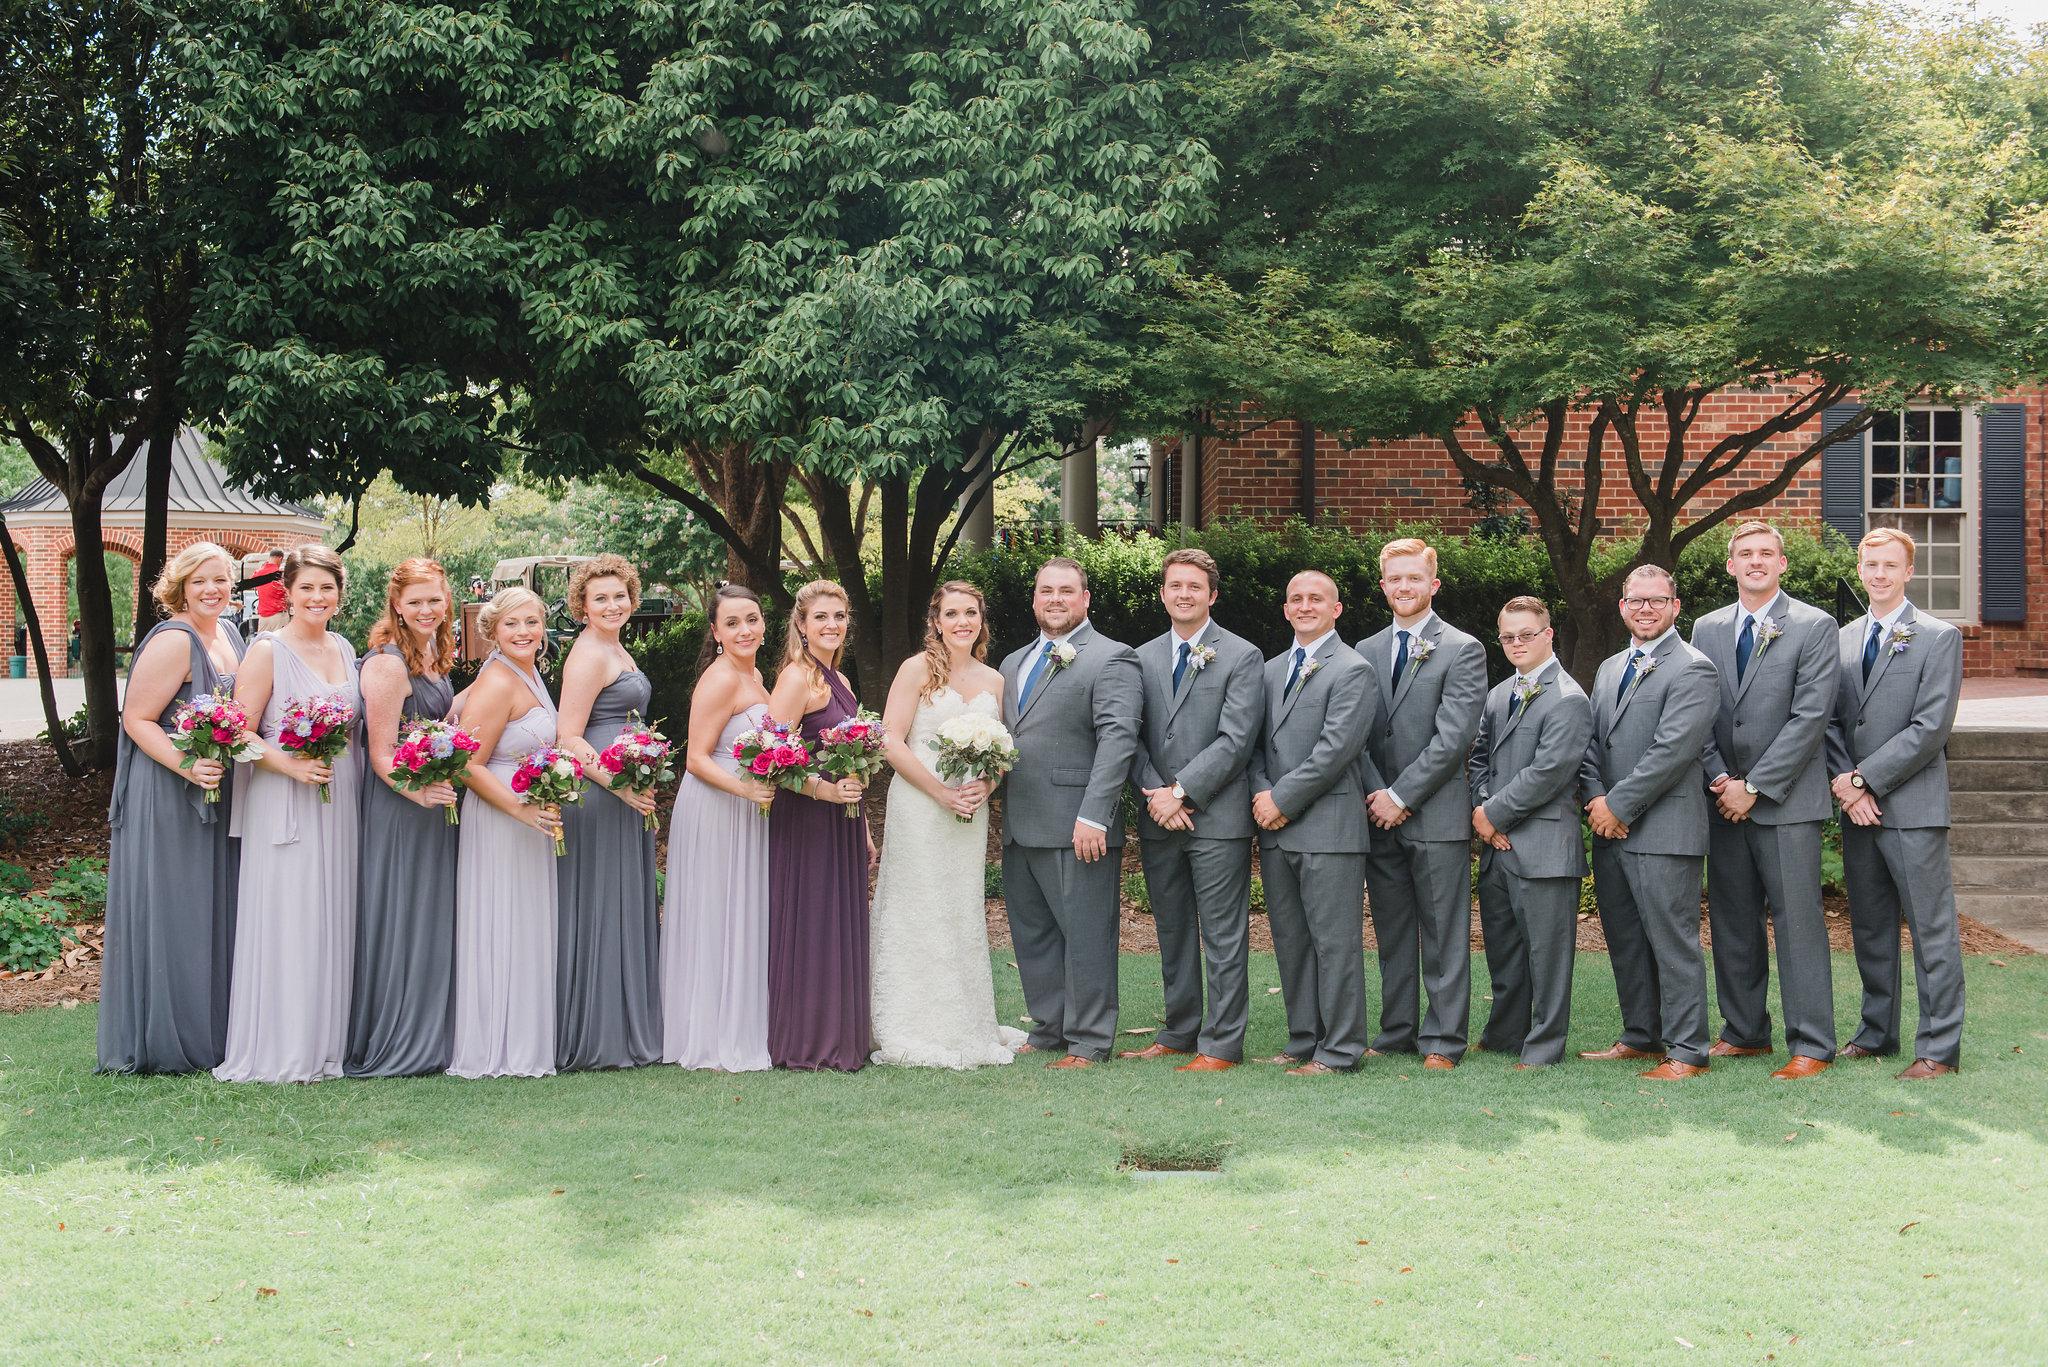 carmel-country-club-wedding-61.jpg